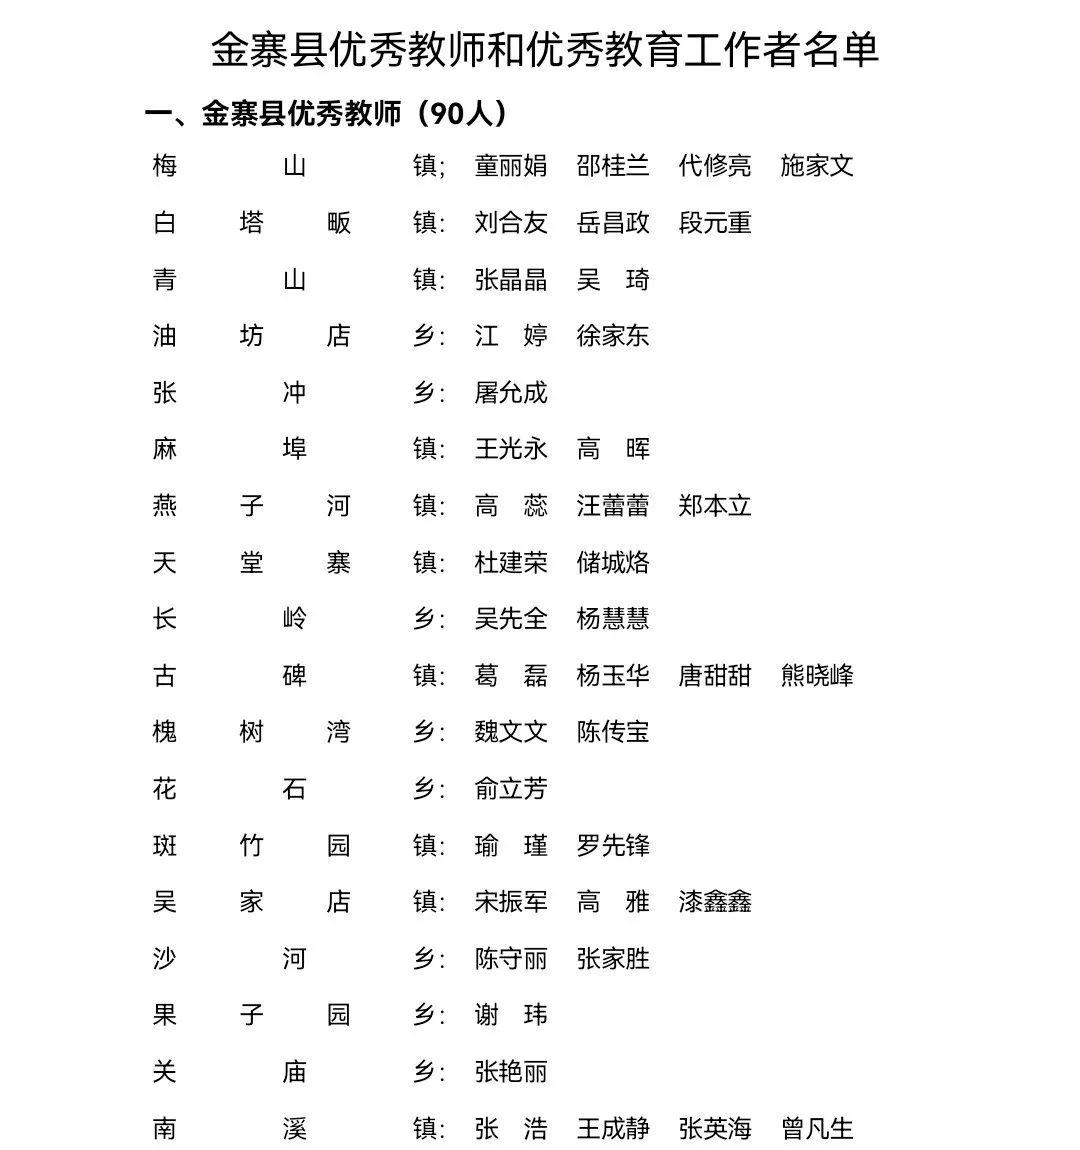 金寨优秀教师和优秀教育工作者名单公布!